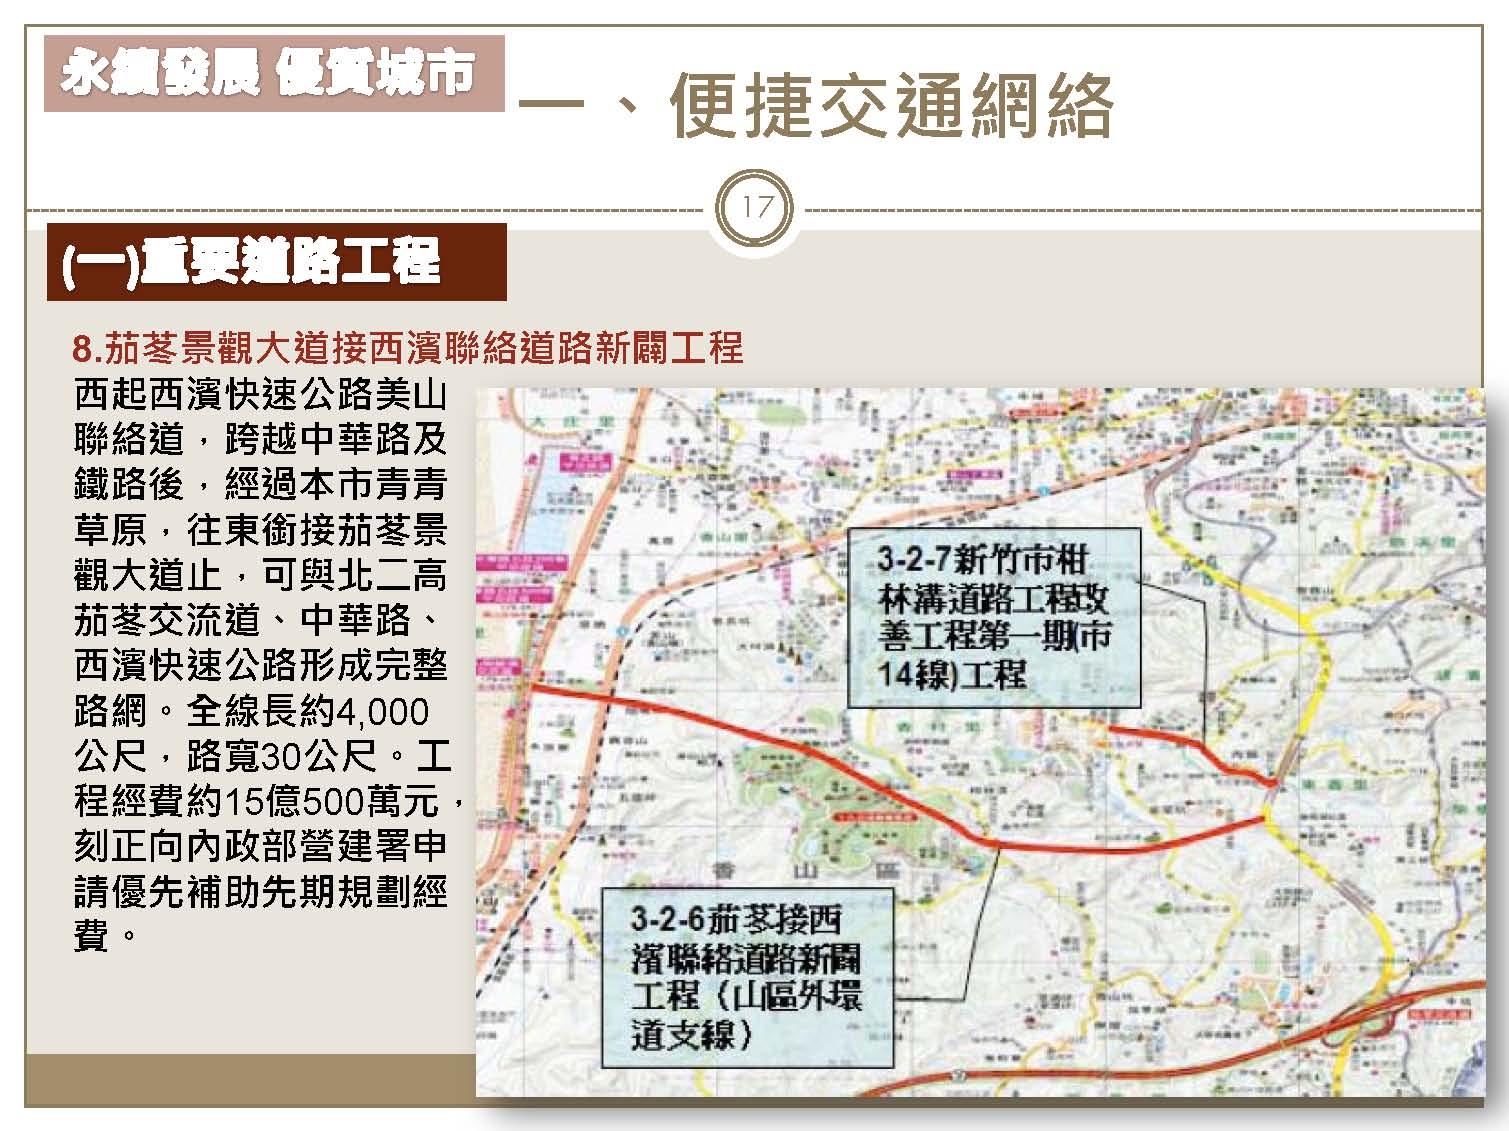 風林火山: 新竹市議會第8屆第3次定期會市長施政報告--新竹市重要交通建設規劃